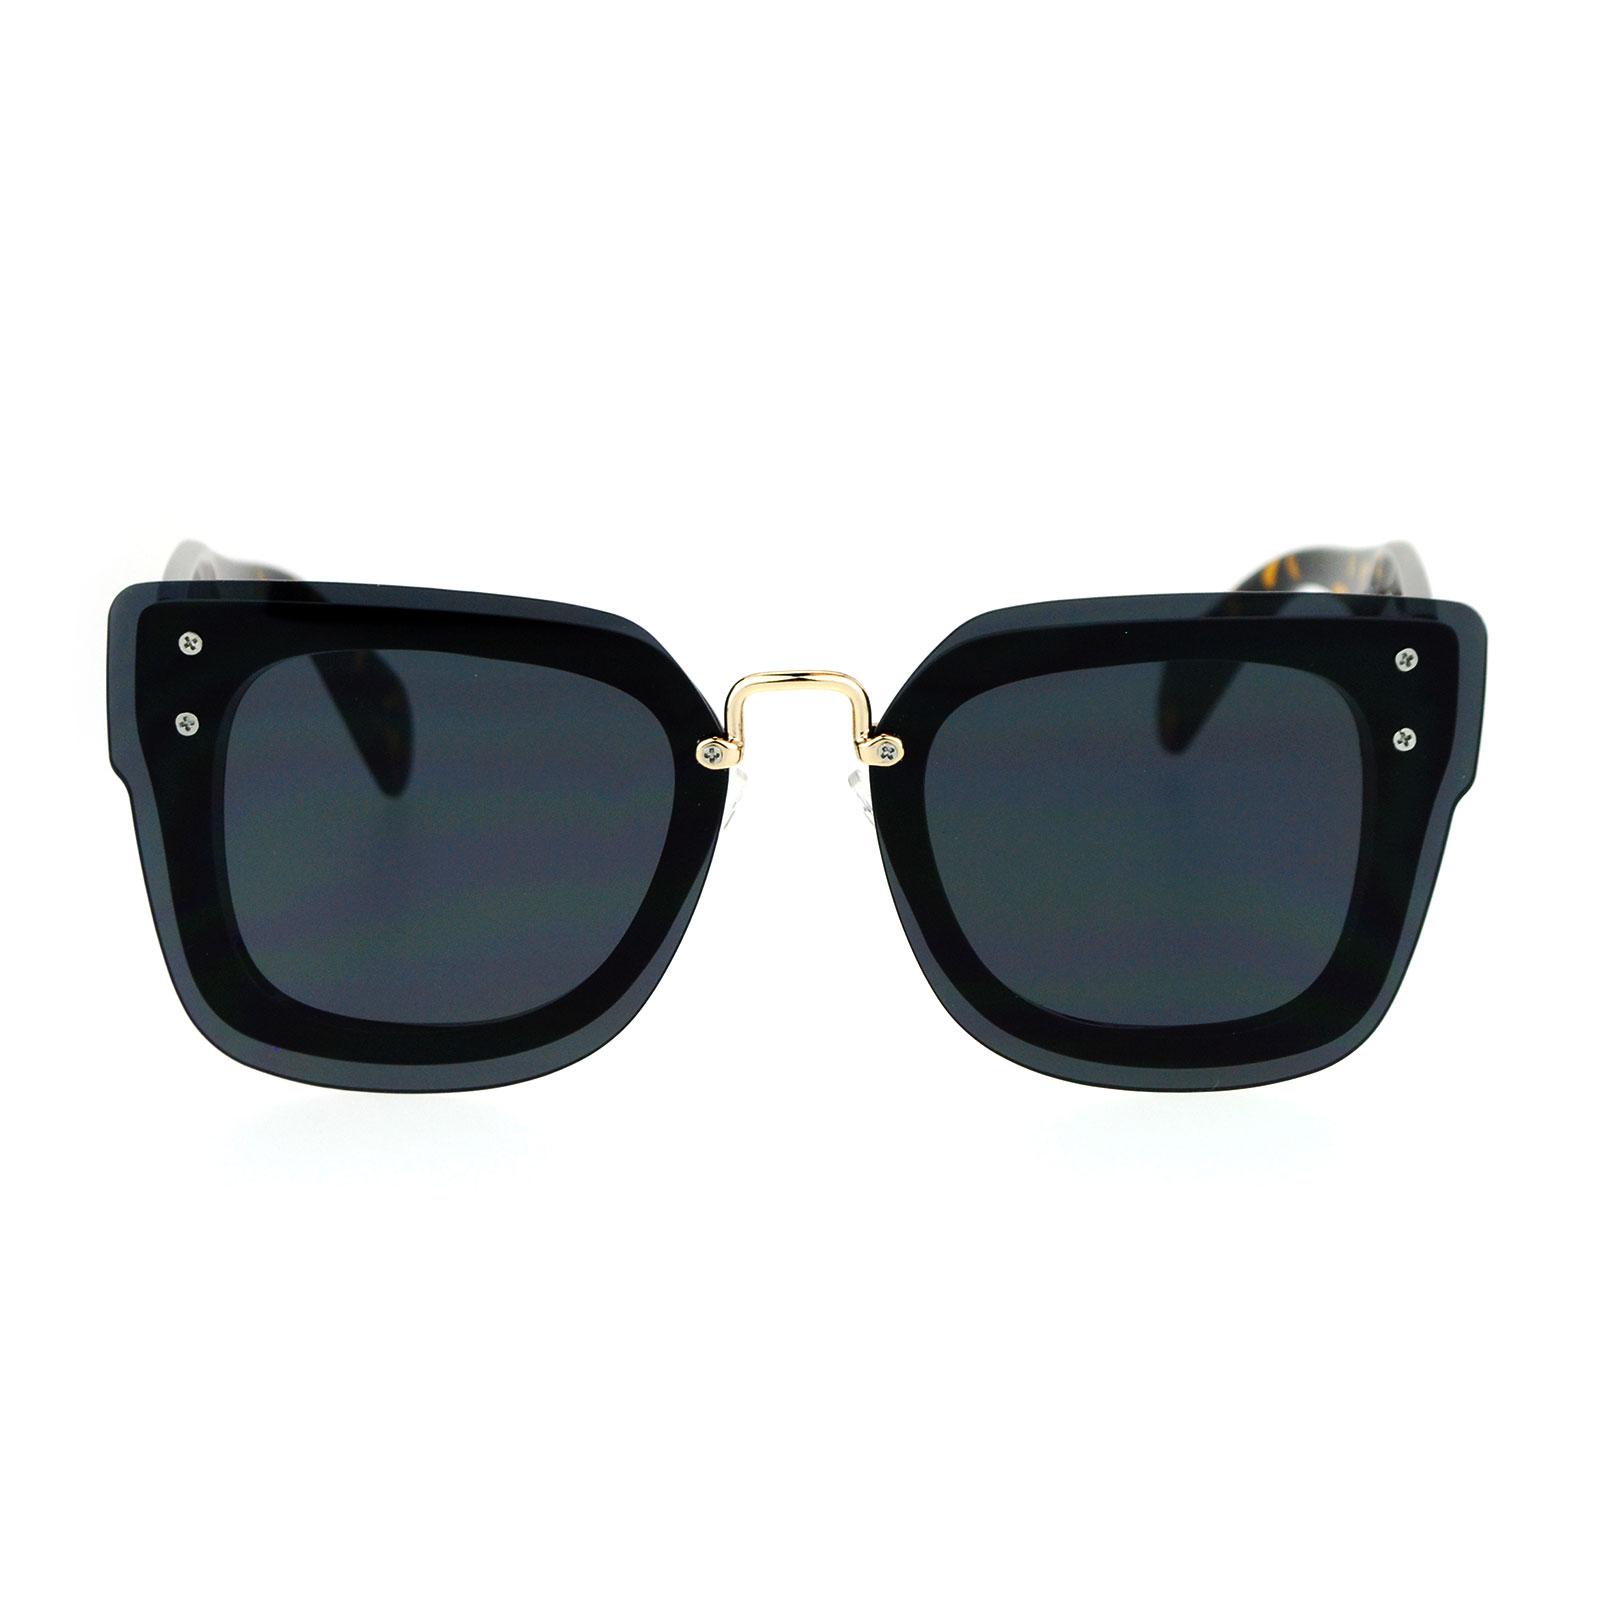 Rimless Glasses Vs Rimmed : SA106 Flat Panel Lens Rimless Horn Rim Rectangular ...